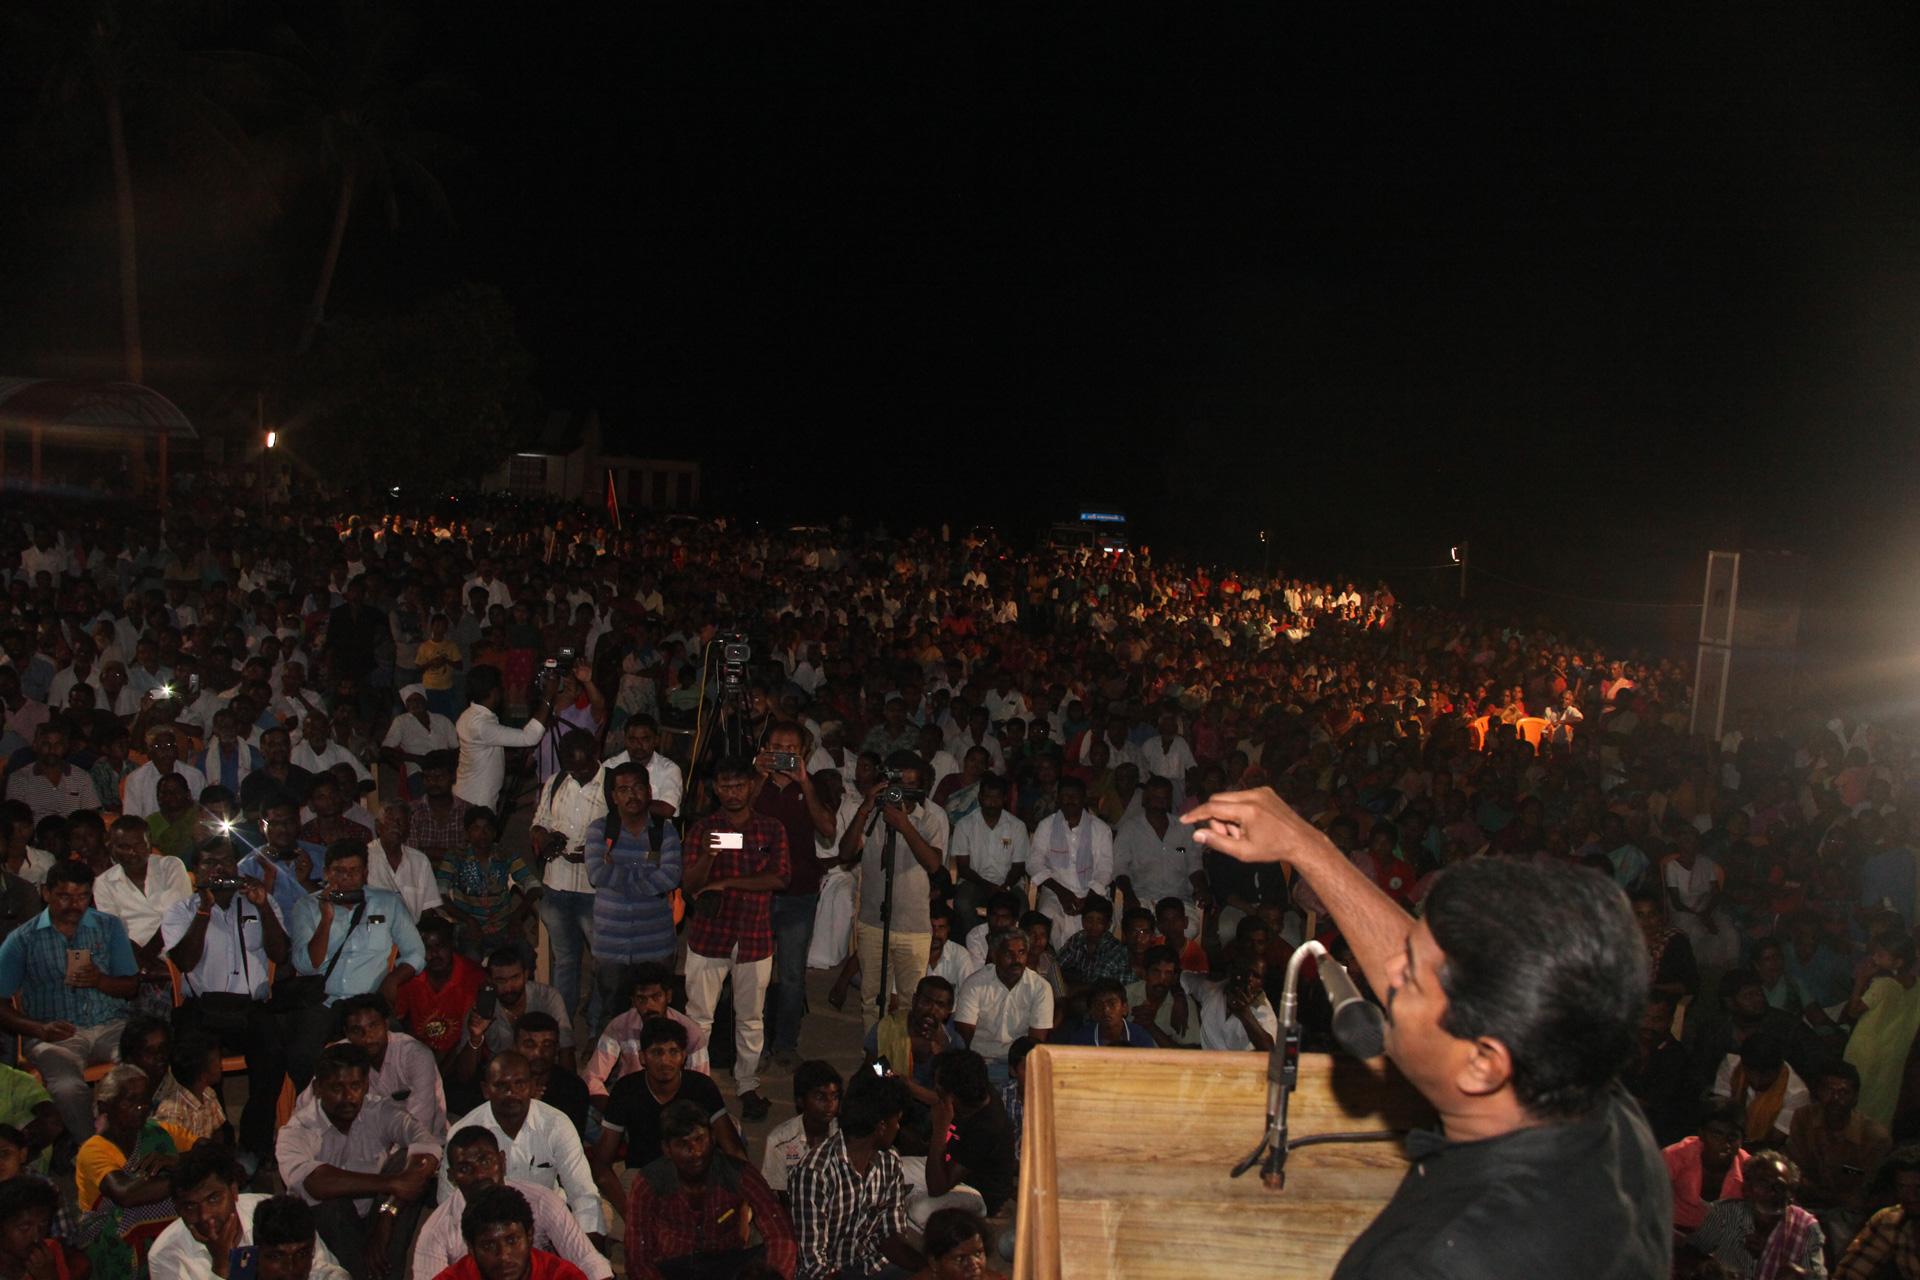 சேலம் – சென்னை 8 வழி சாலை மற்றும் சேலம் விமான நிலைய விரிவாக்கத்தை எதிர்த்து மாபெரும் மக்கள் திரள் பொதுக்கூட்டம் | சீமான், பியுஸ்மனுஷ் பங்கேற்பு seeman piyush manush protest against salem airport expansion project salem kaamalaapuram omalur naam tamilar katchi 4